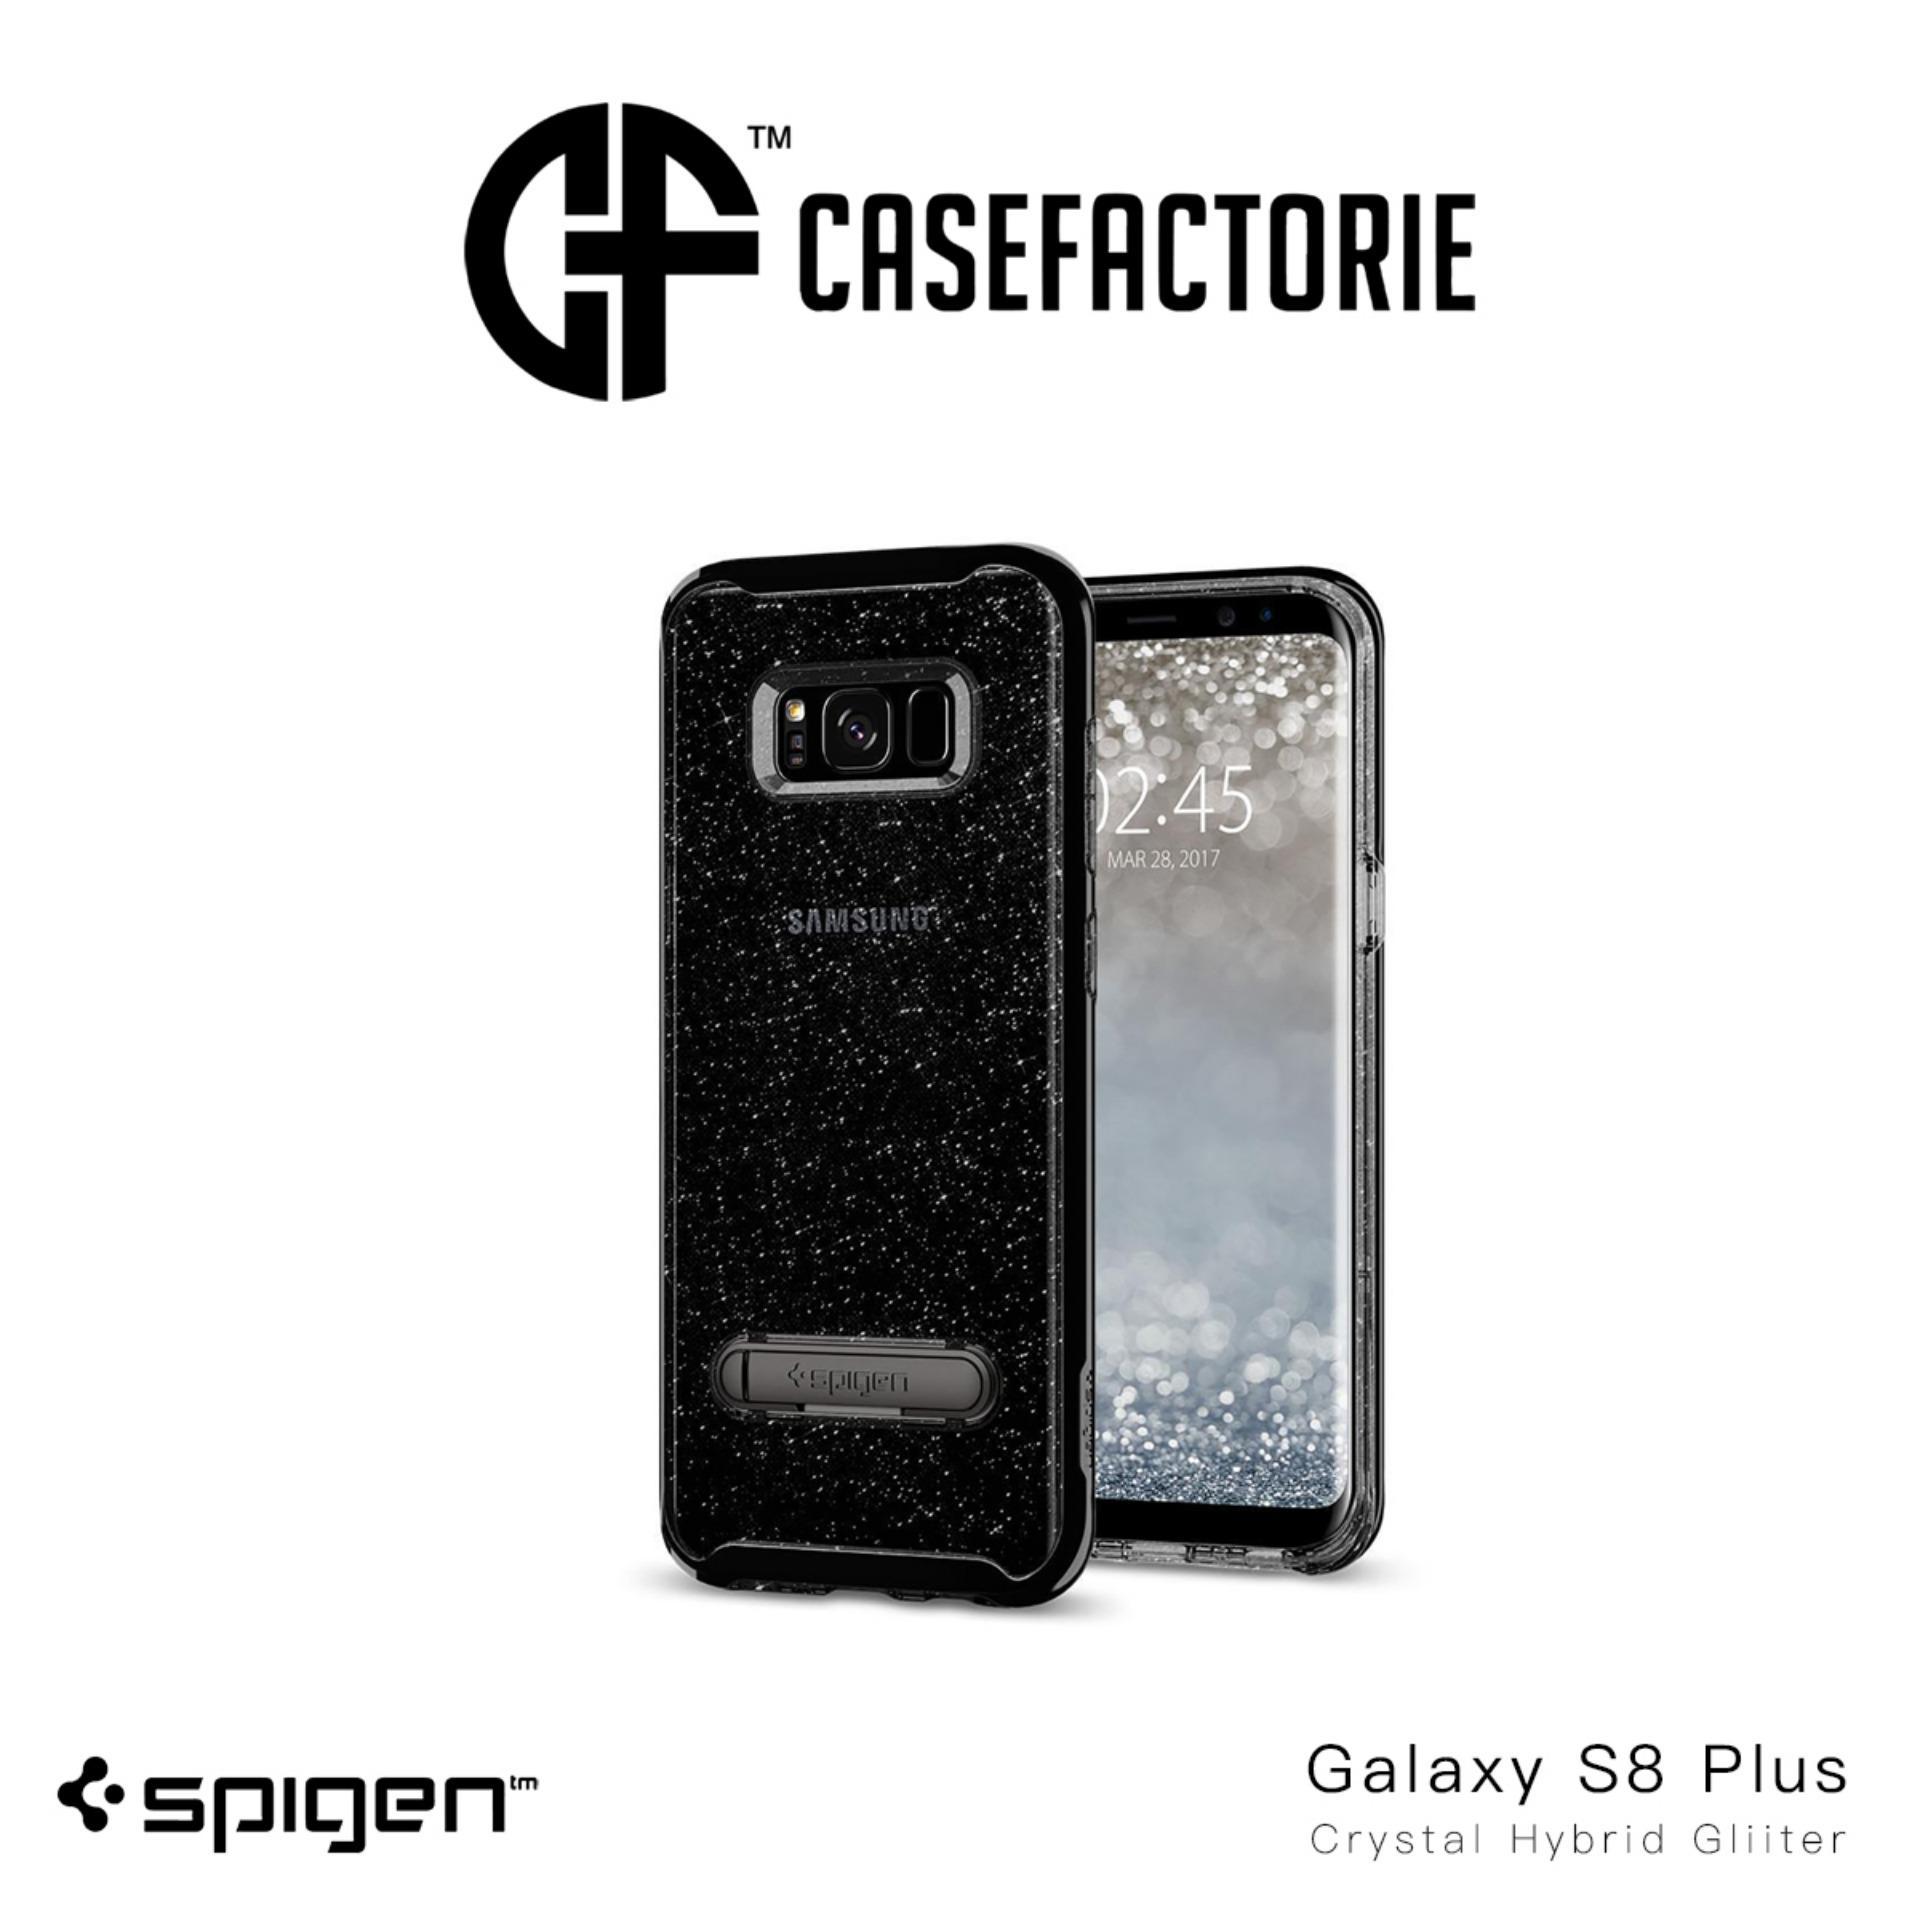 Best Price Spigen Crystal Hybrid Glitter Case For Samsung Galaxy S8 Plus